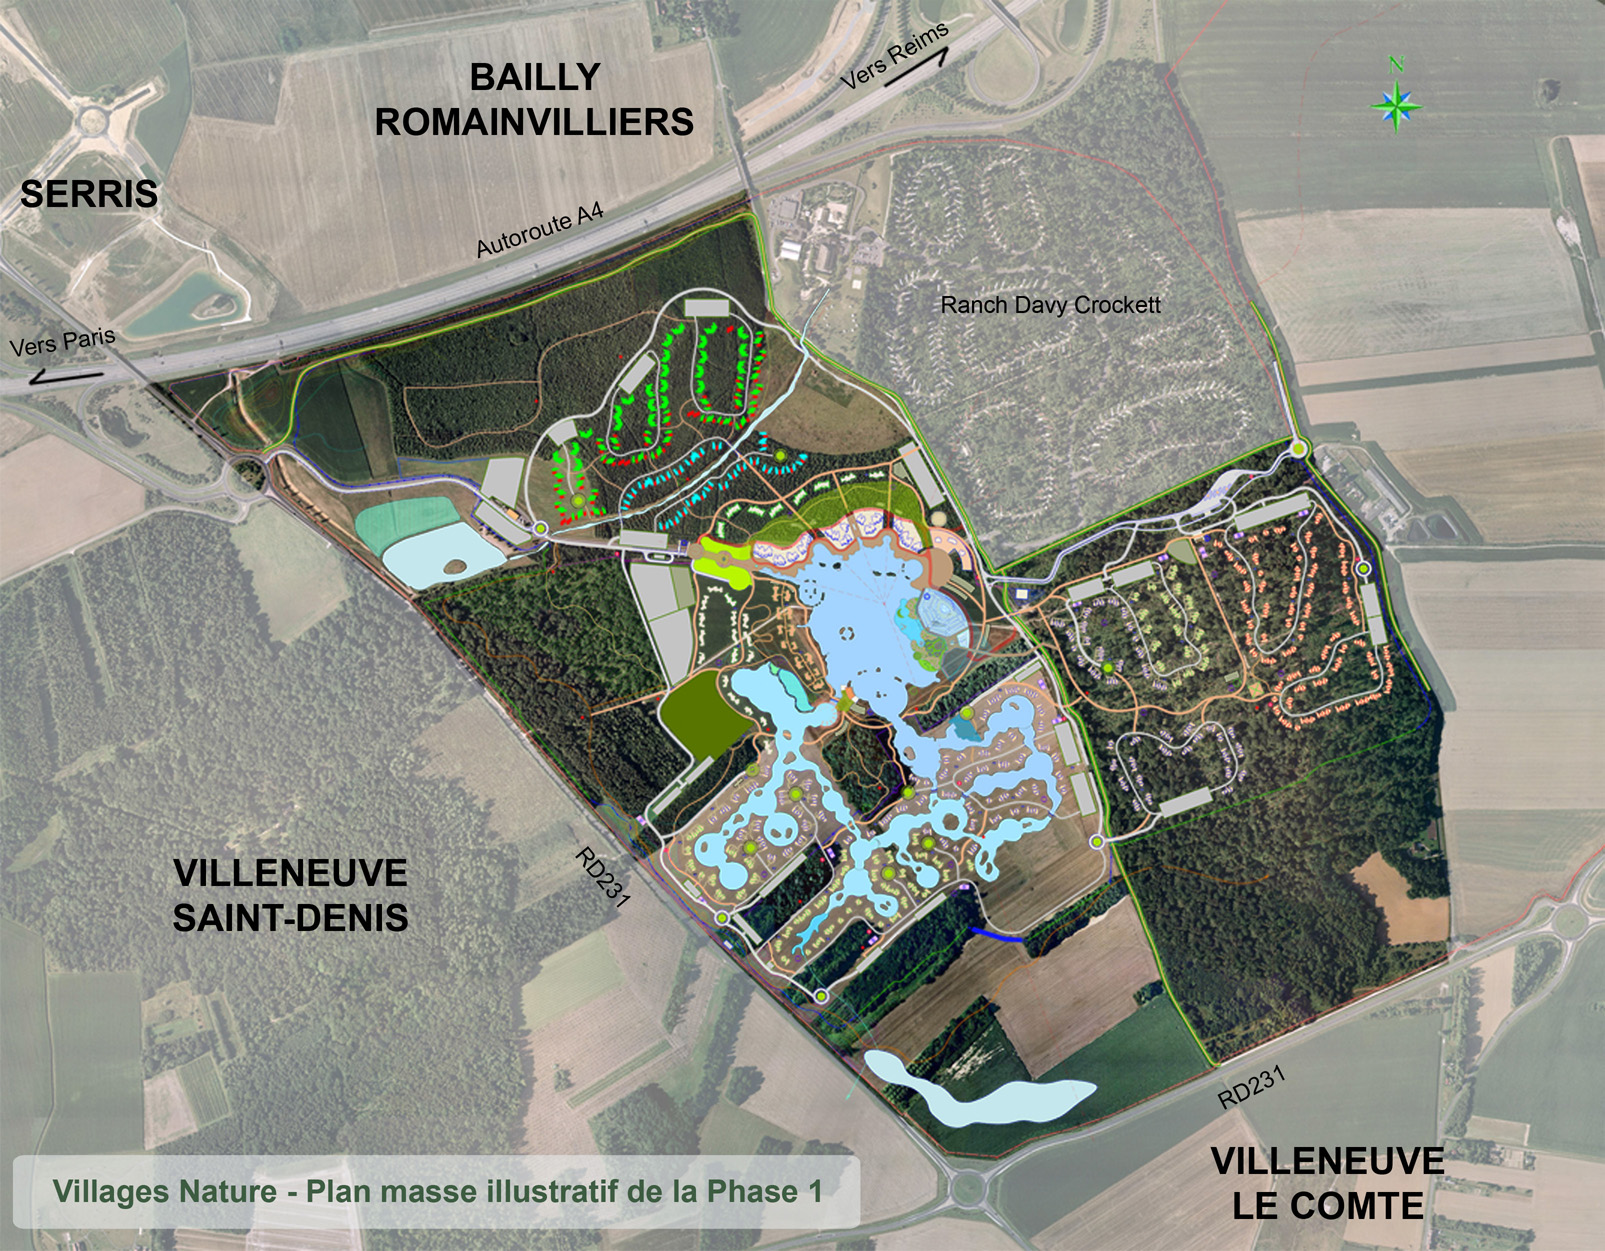 Village Nature 2016 - Page 2 Plan_masse_de_la_Phase_1_du_projet_aout_2011